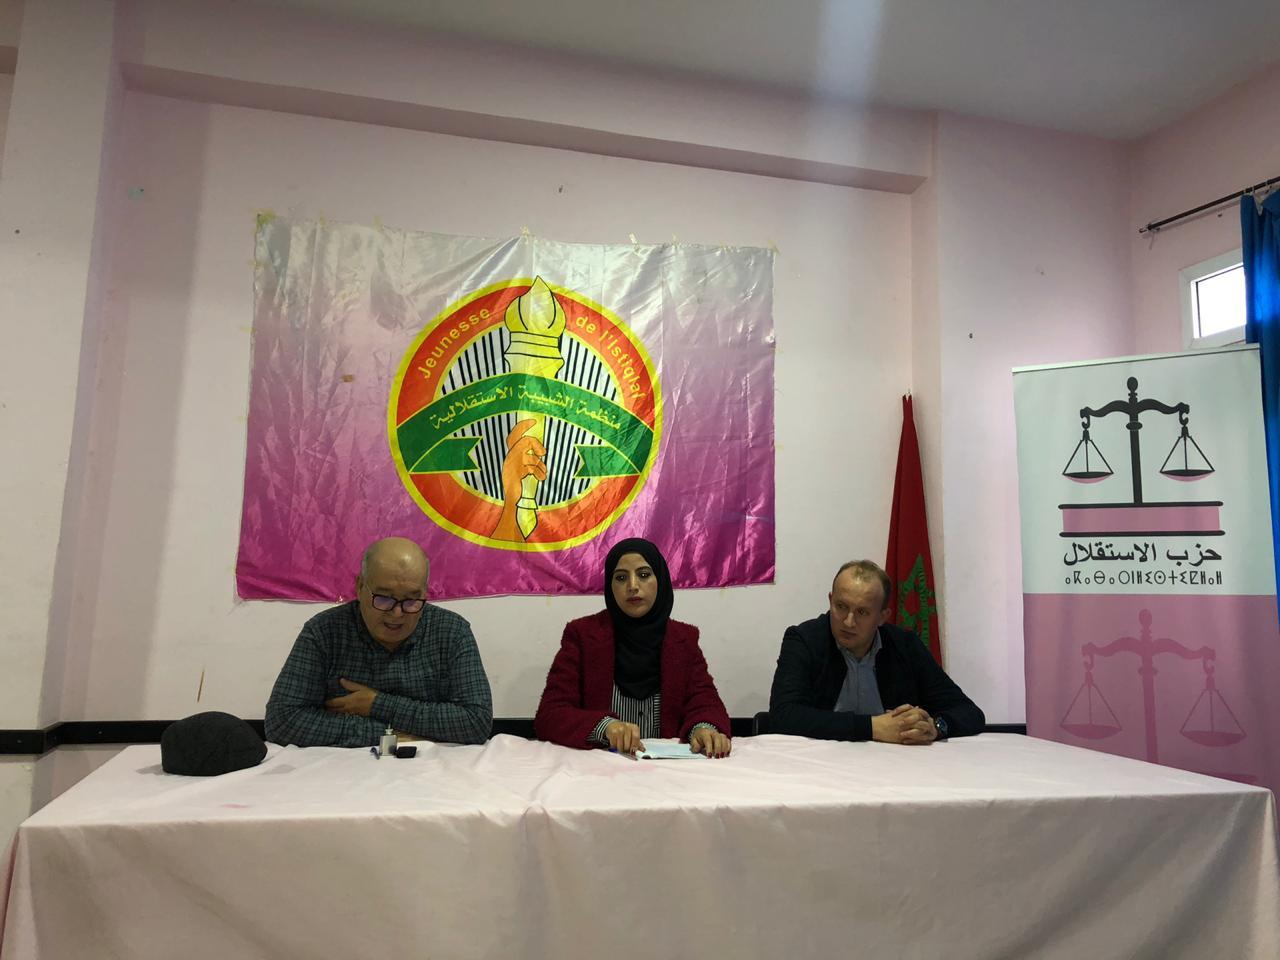 شبيبة الإستقلال بالحسيمة تجدد هياكلها وتنتخب السيد أيوب العبدلاوي رئيسا لشبيبتها